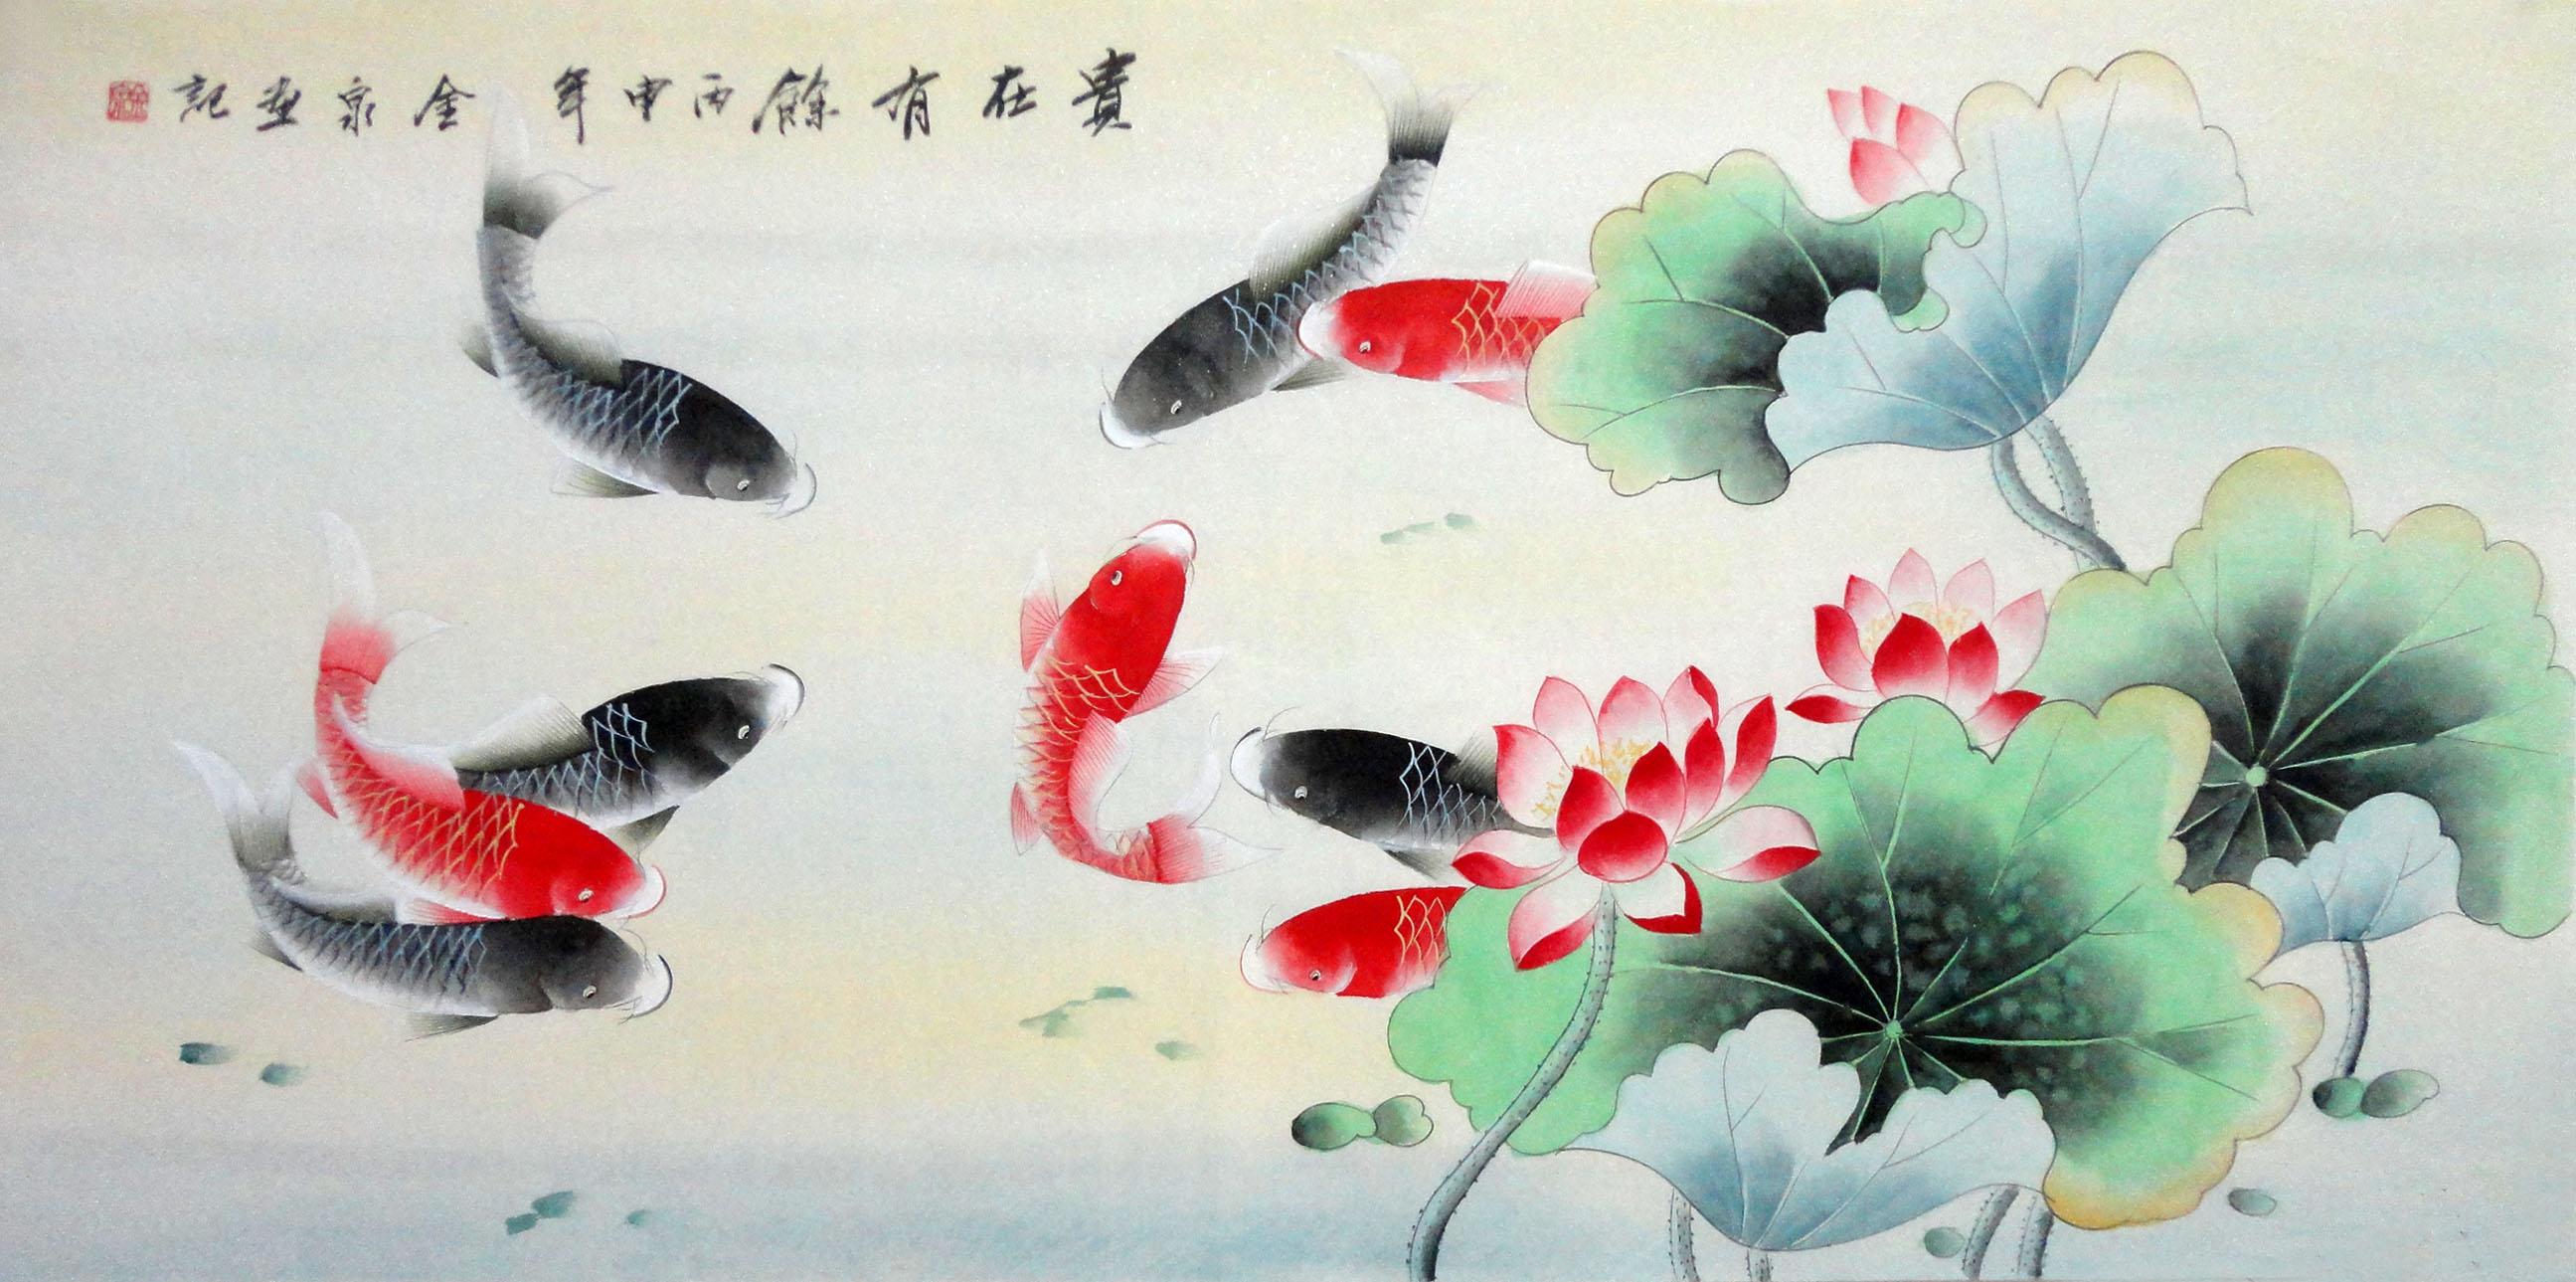 四尺国画工笔花鸟荷花九鱼 贵在有余 金泉手绘装饰字画16072050商品